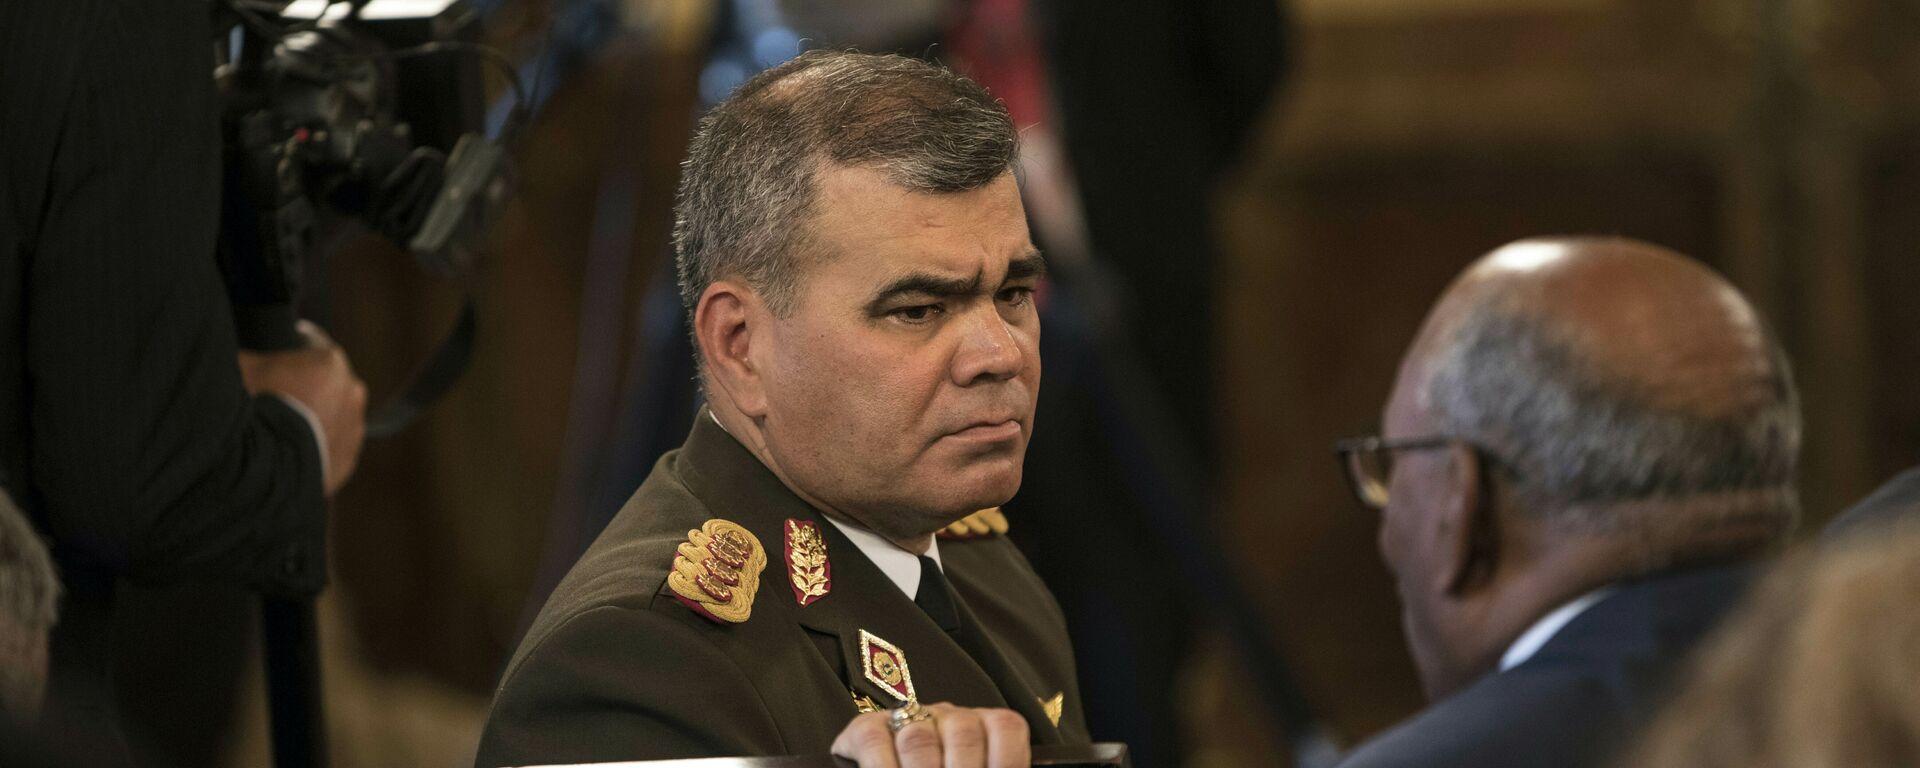 Vladimir Padrino López, ministro de Defensa de Venezuela (archivo) - Sputnik Mundo, 1920, 18.02.2021